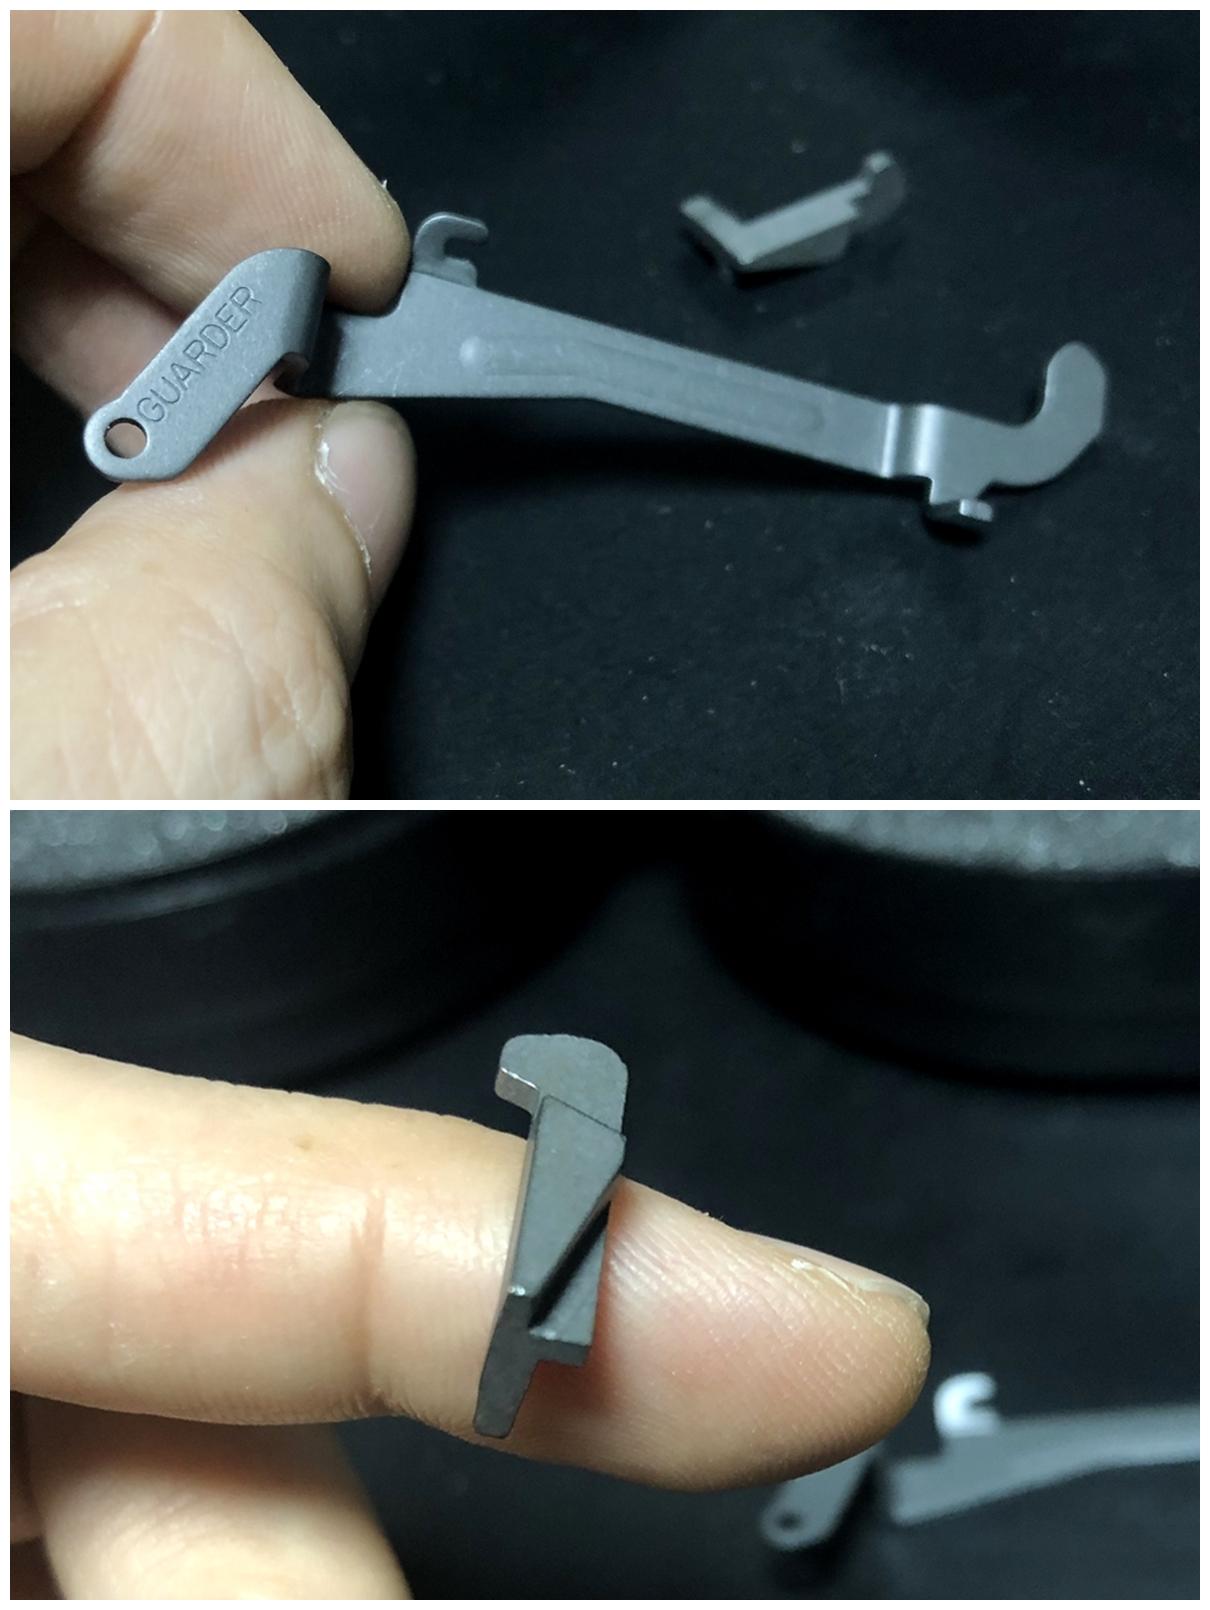 5 GLOCK 18C GBB スライドの動作不良を修理するぞ! GUARDER スチール トリガーバー & ガーダー スチール ノッカーロック 購入 分解 取付 修理 加工